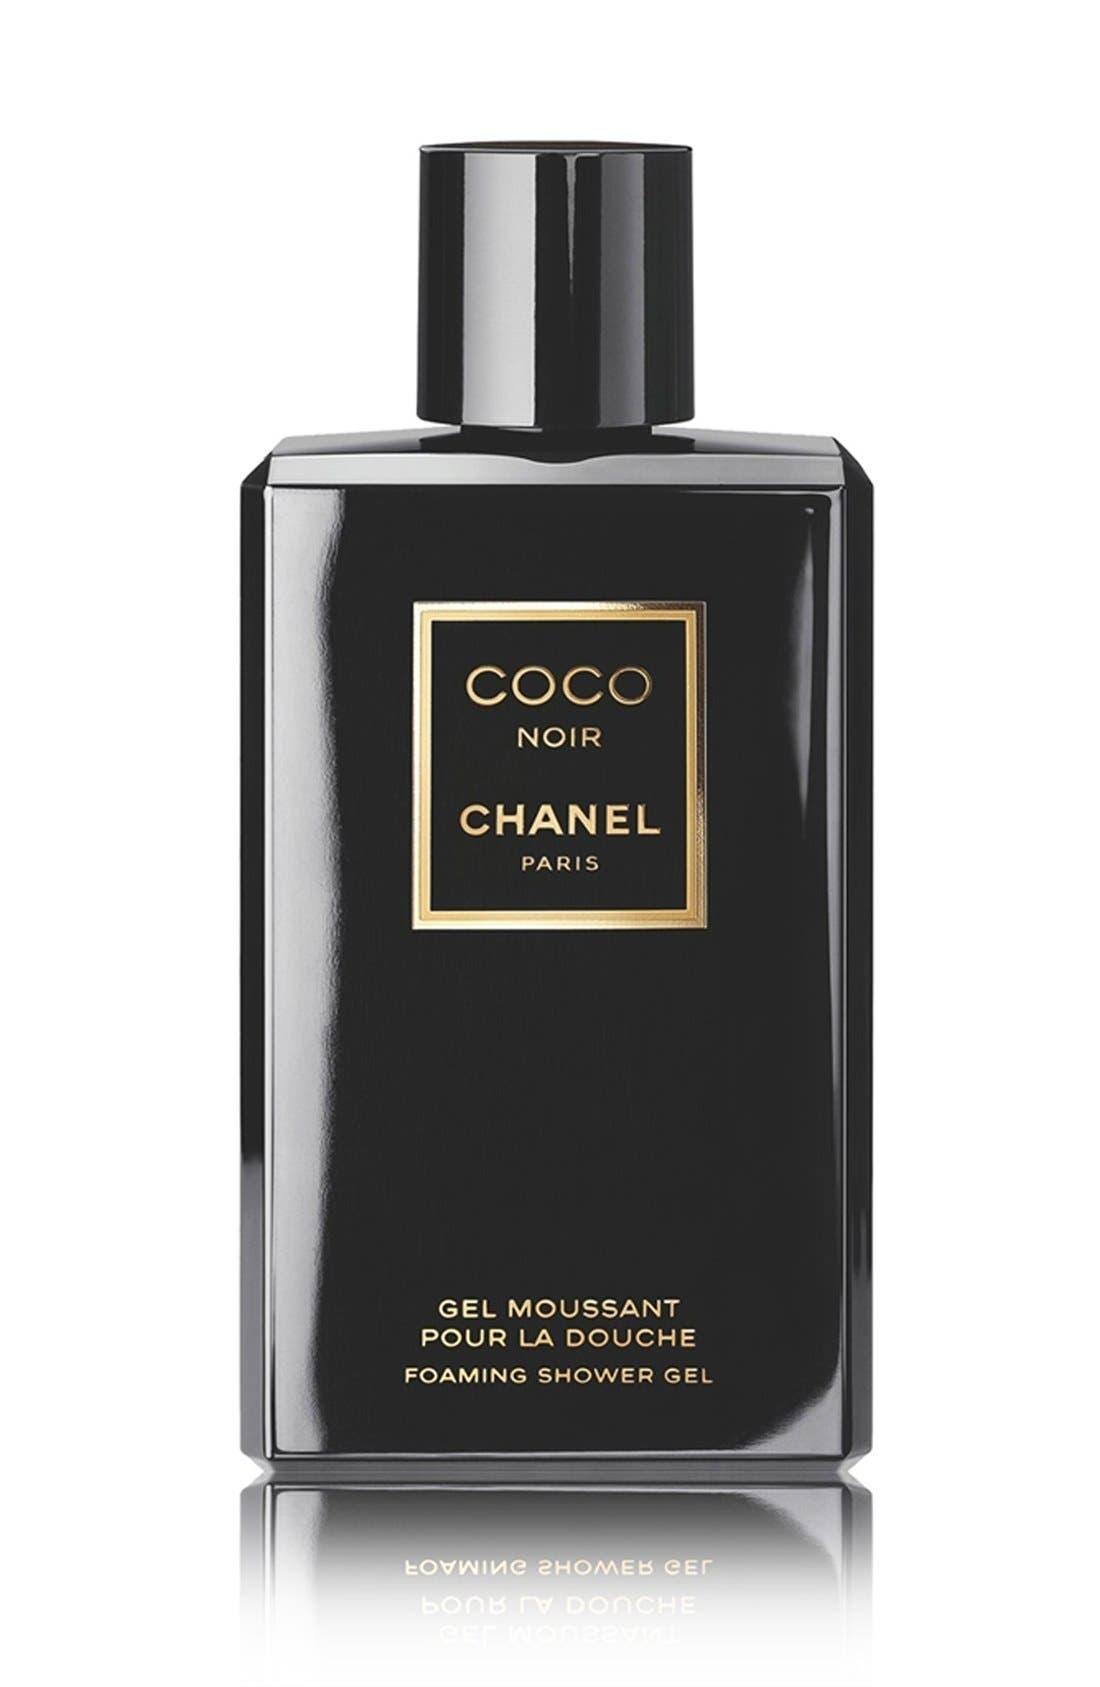 CHANEL COCO NOIR  Foaming Shower Gel